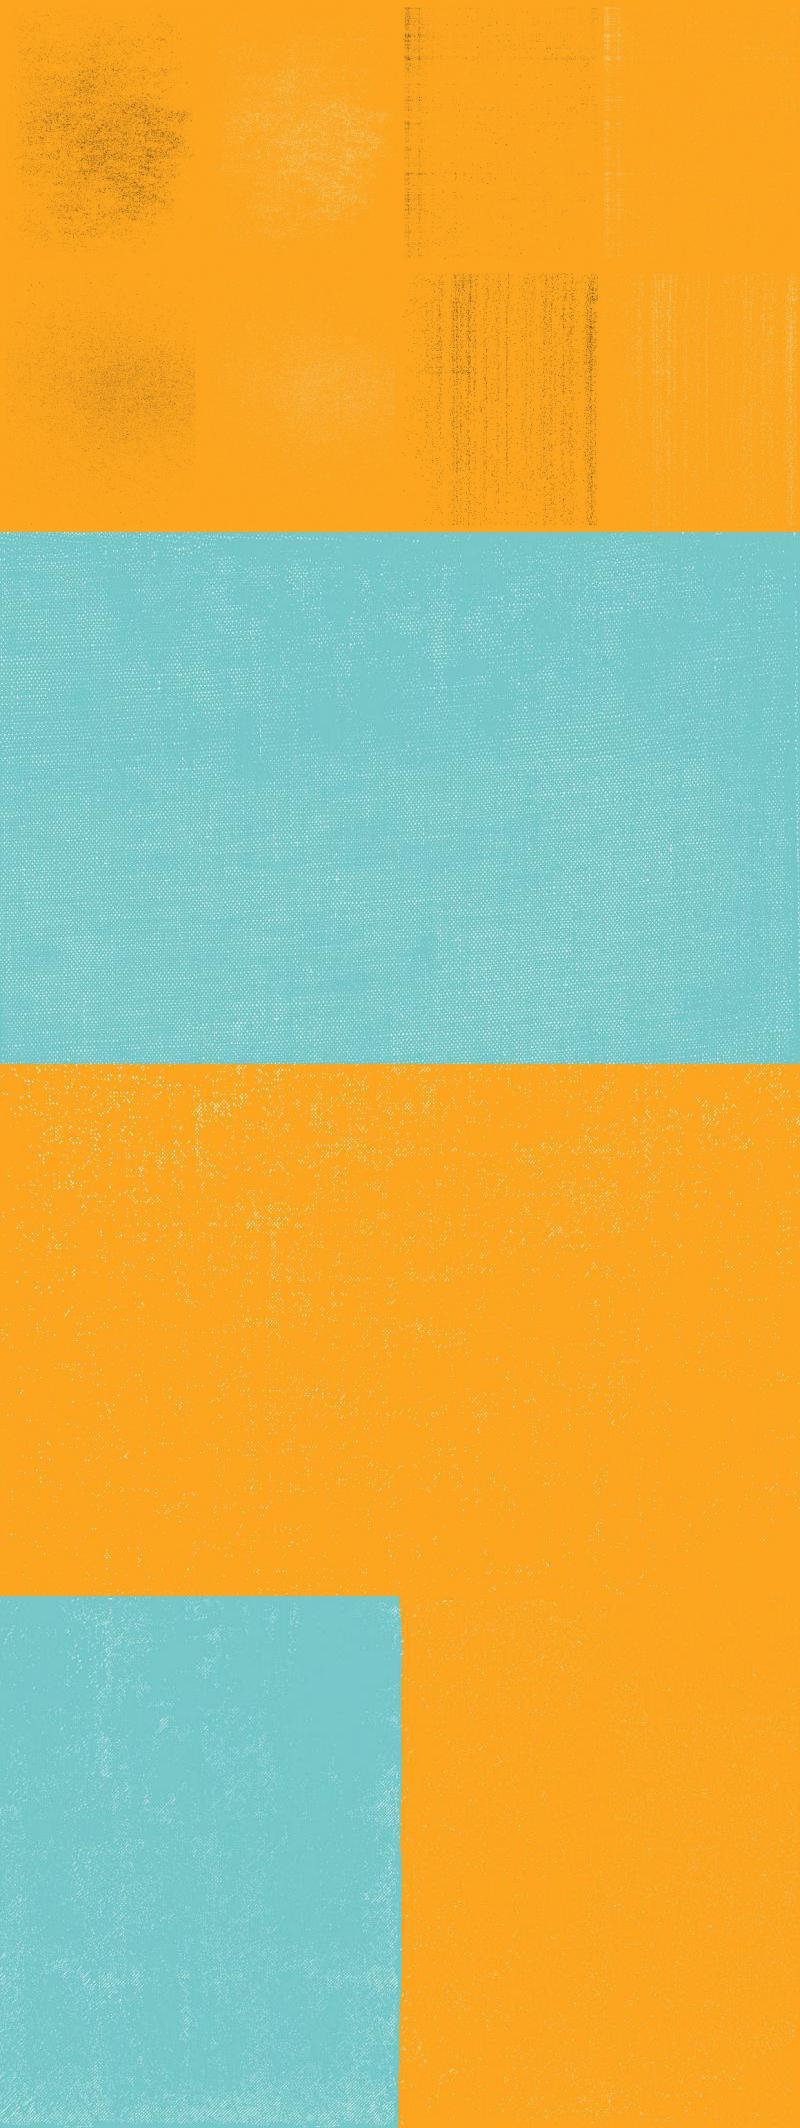 Vol. 1 Texture Pack - 12 Vectors